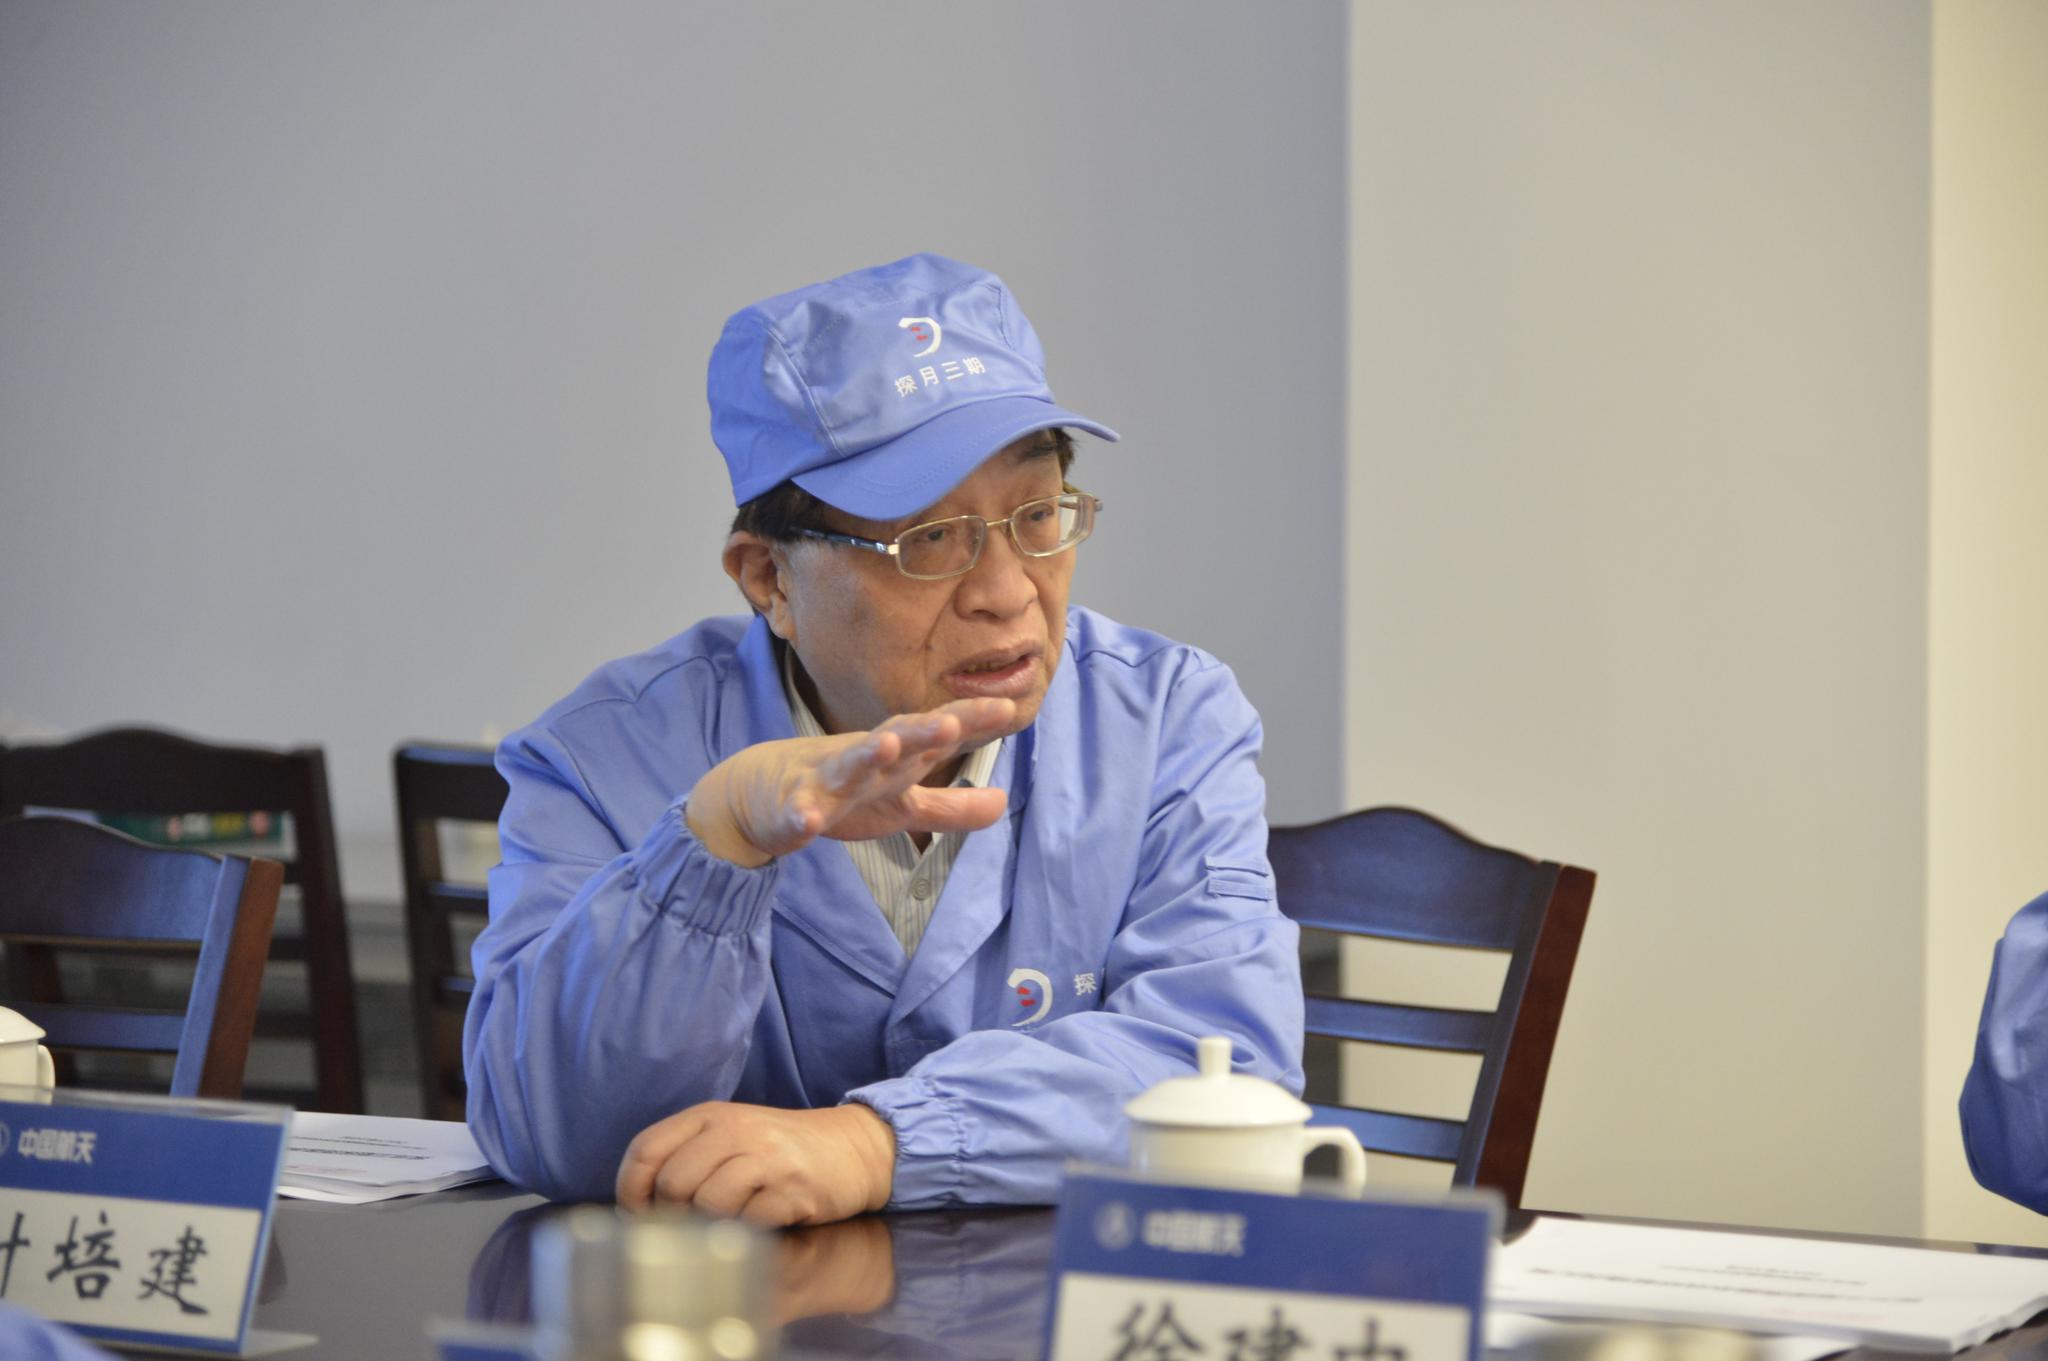 曹德旺: 美国工会制度已不适合制造业发展